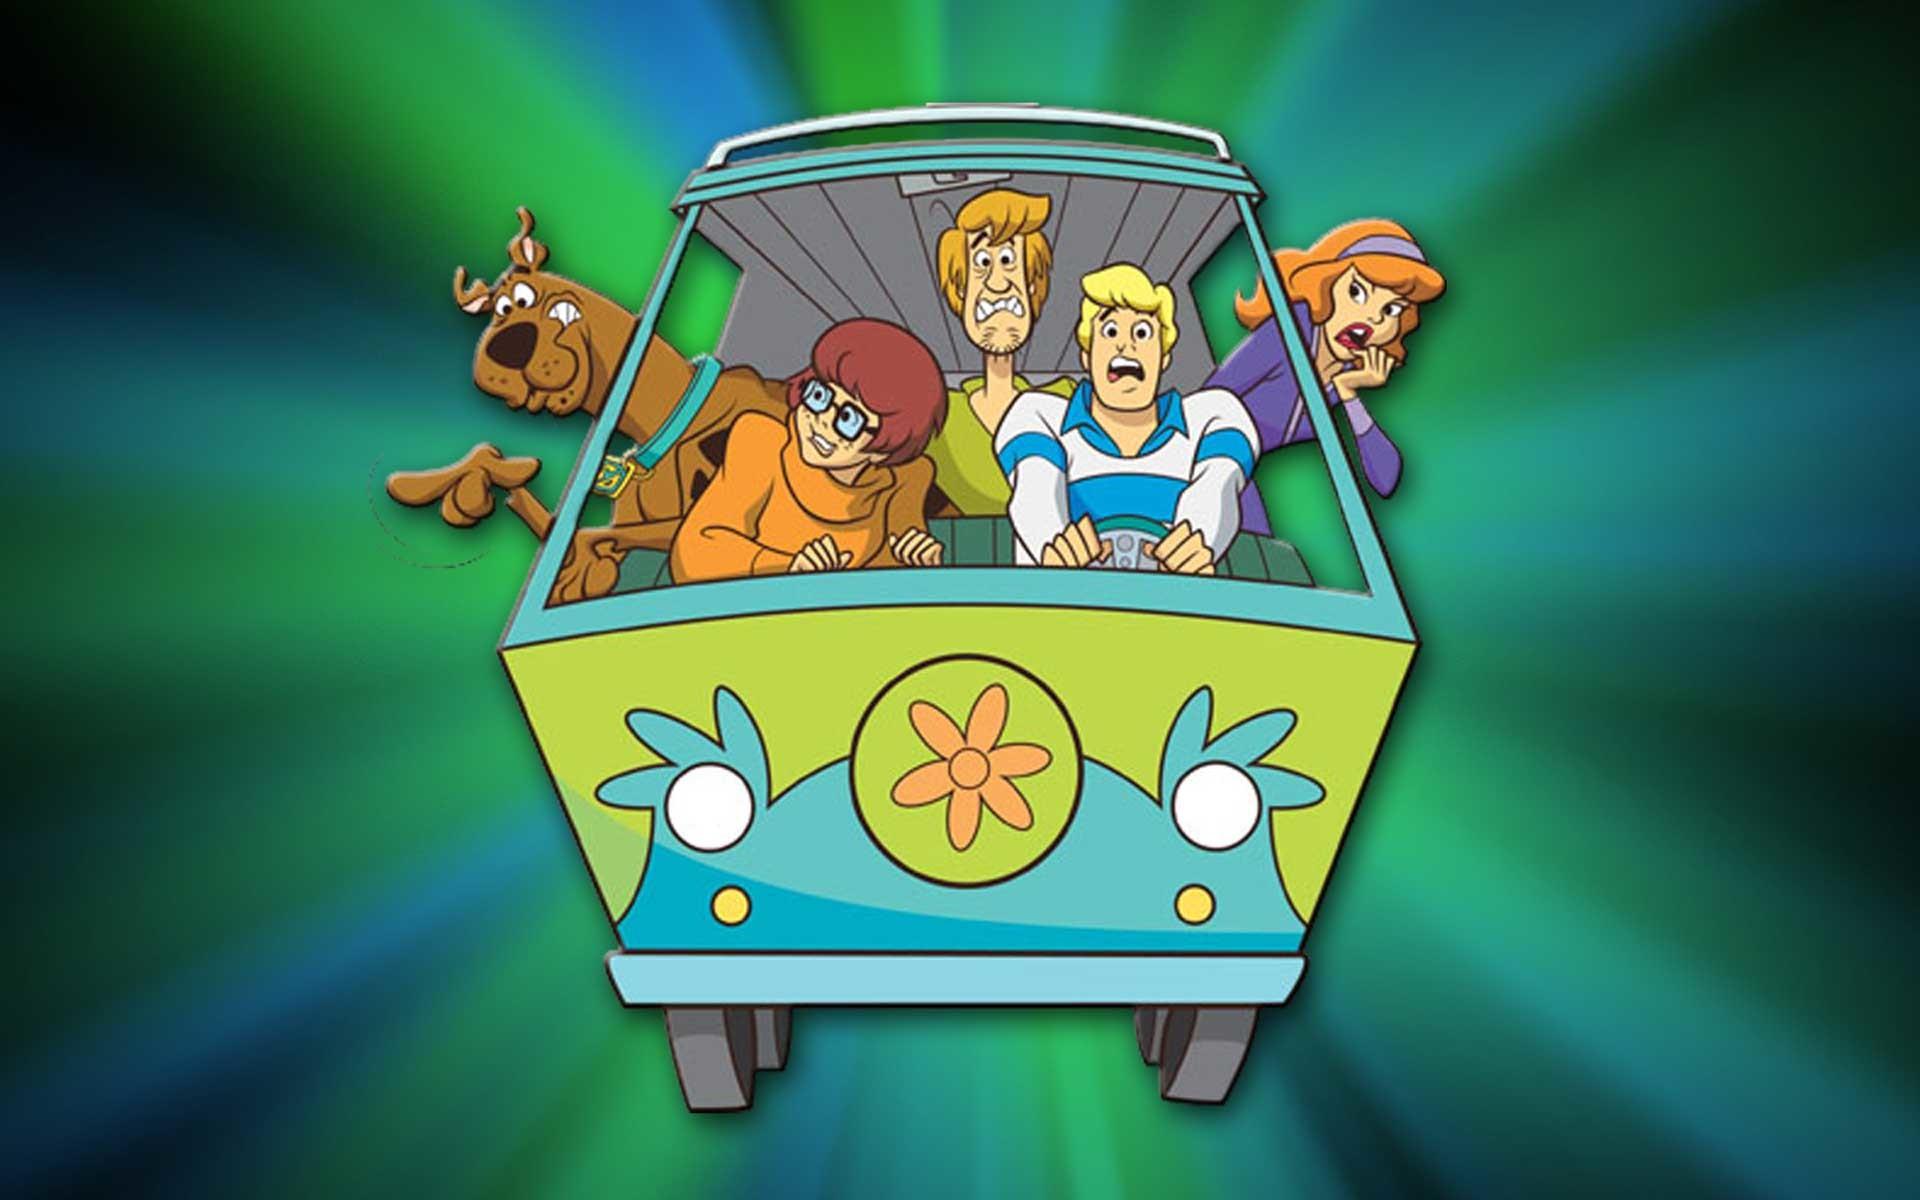 Scooby Doo Wallpaper for Desktop 72 images 1920x1200